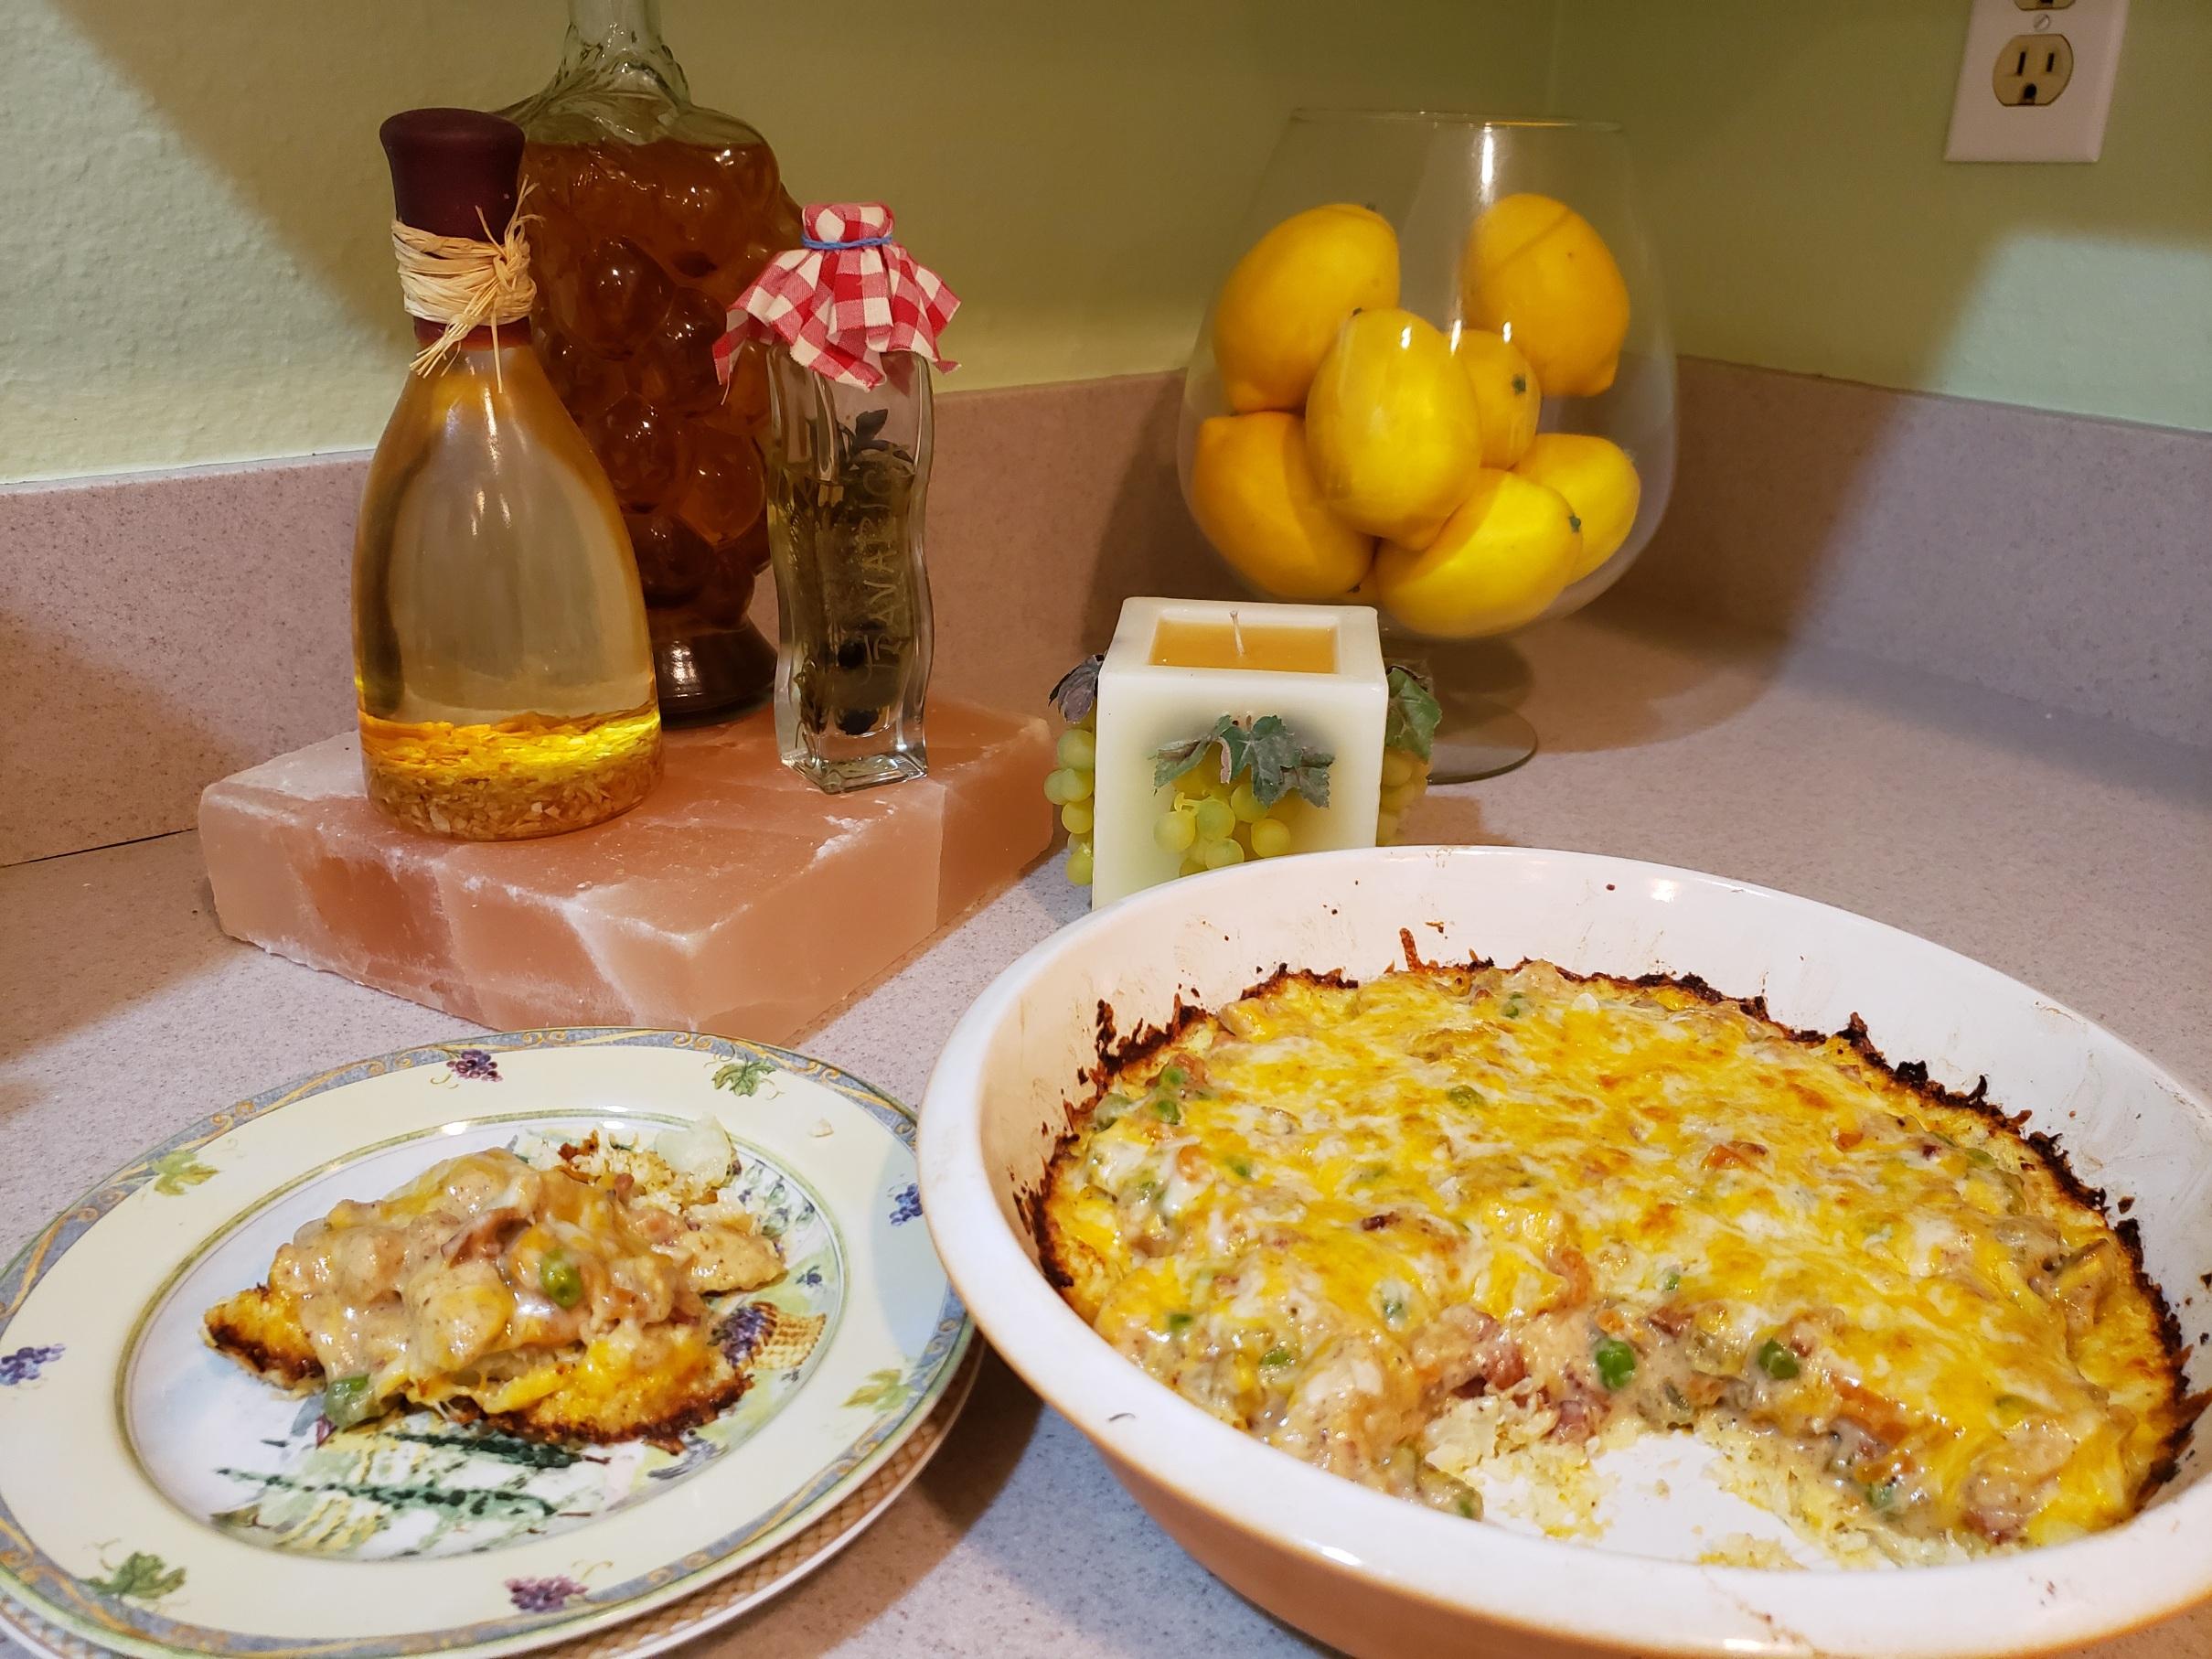 Keto Chicken Breast Pot Pie with Cauliflower Crust DeDe